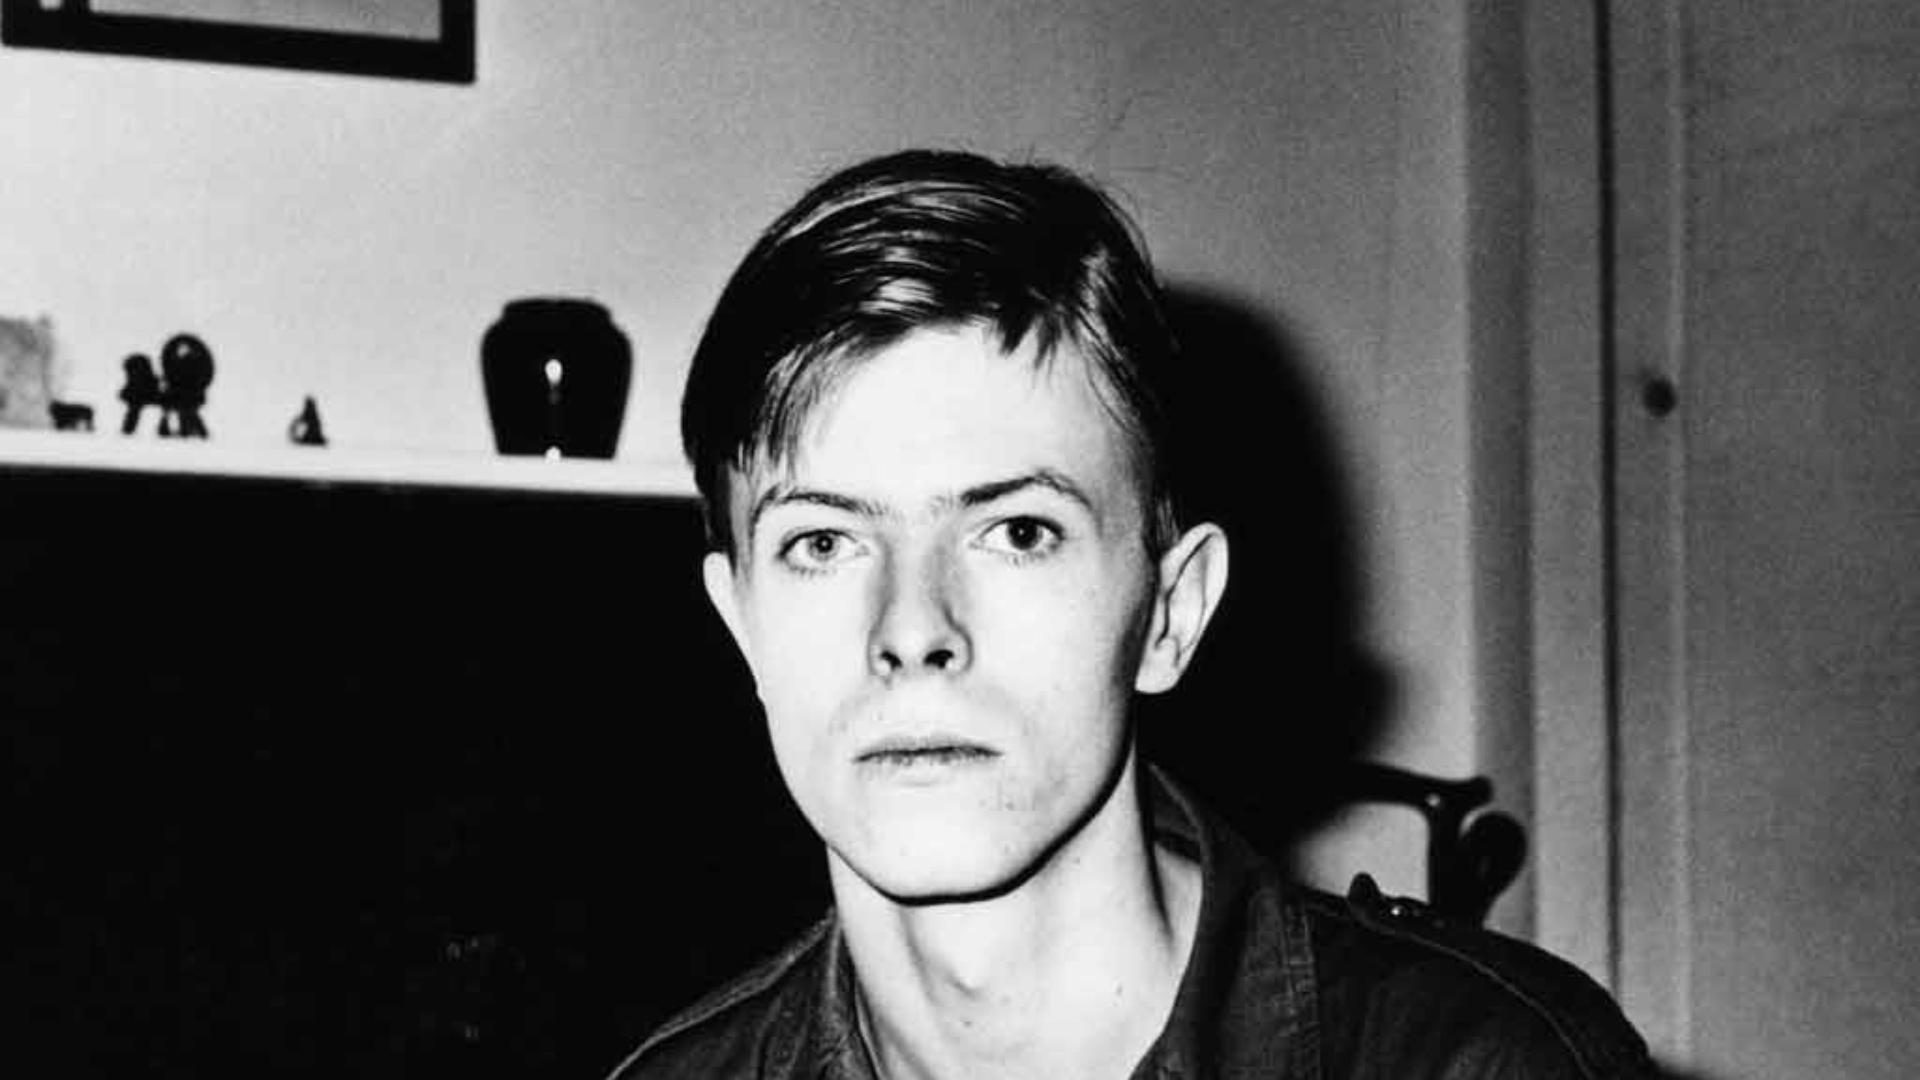 Os Soldados Virgens (Dir.: John Dexter, 1969) - Bowie já havia feito peças, mas seu primeiro papel dno cinema foi nesse filme britânico sobre soldados da Segunda Guerra enfrentam problemas nas trincheiras, mas também na cama, gerando situações engraçadas. Ok, nem tão engraçadas assim. Seu papel na música, em pleno lançamento de